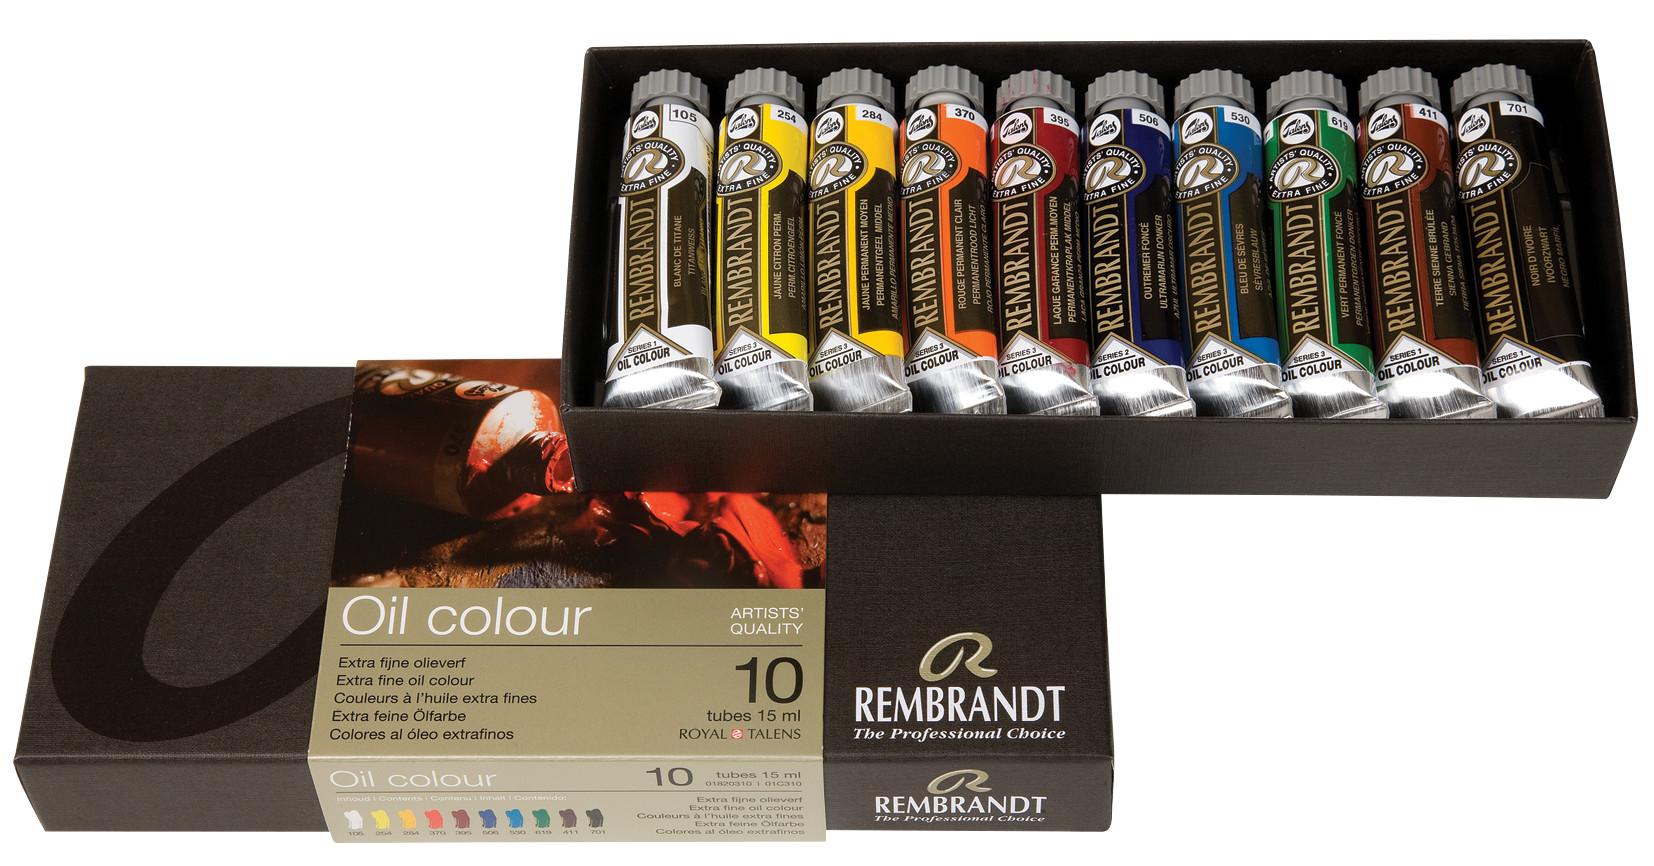 Rembrandt Oil colour Paint Basic Set, 10x15ml Tubes